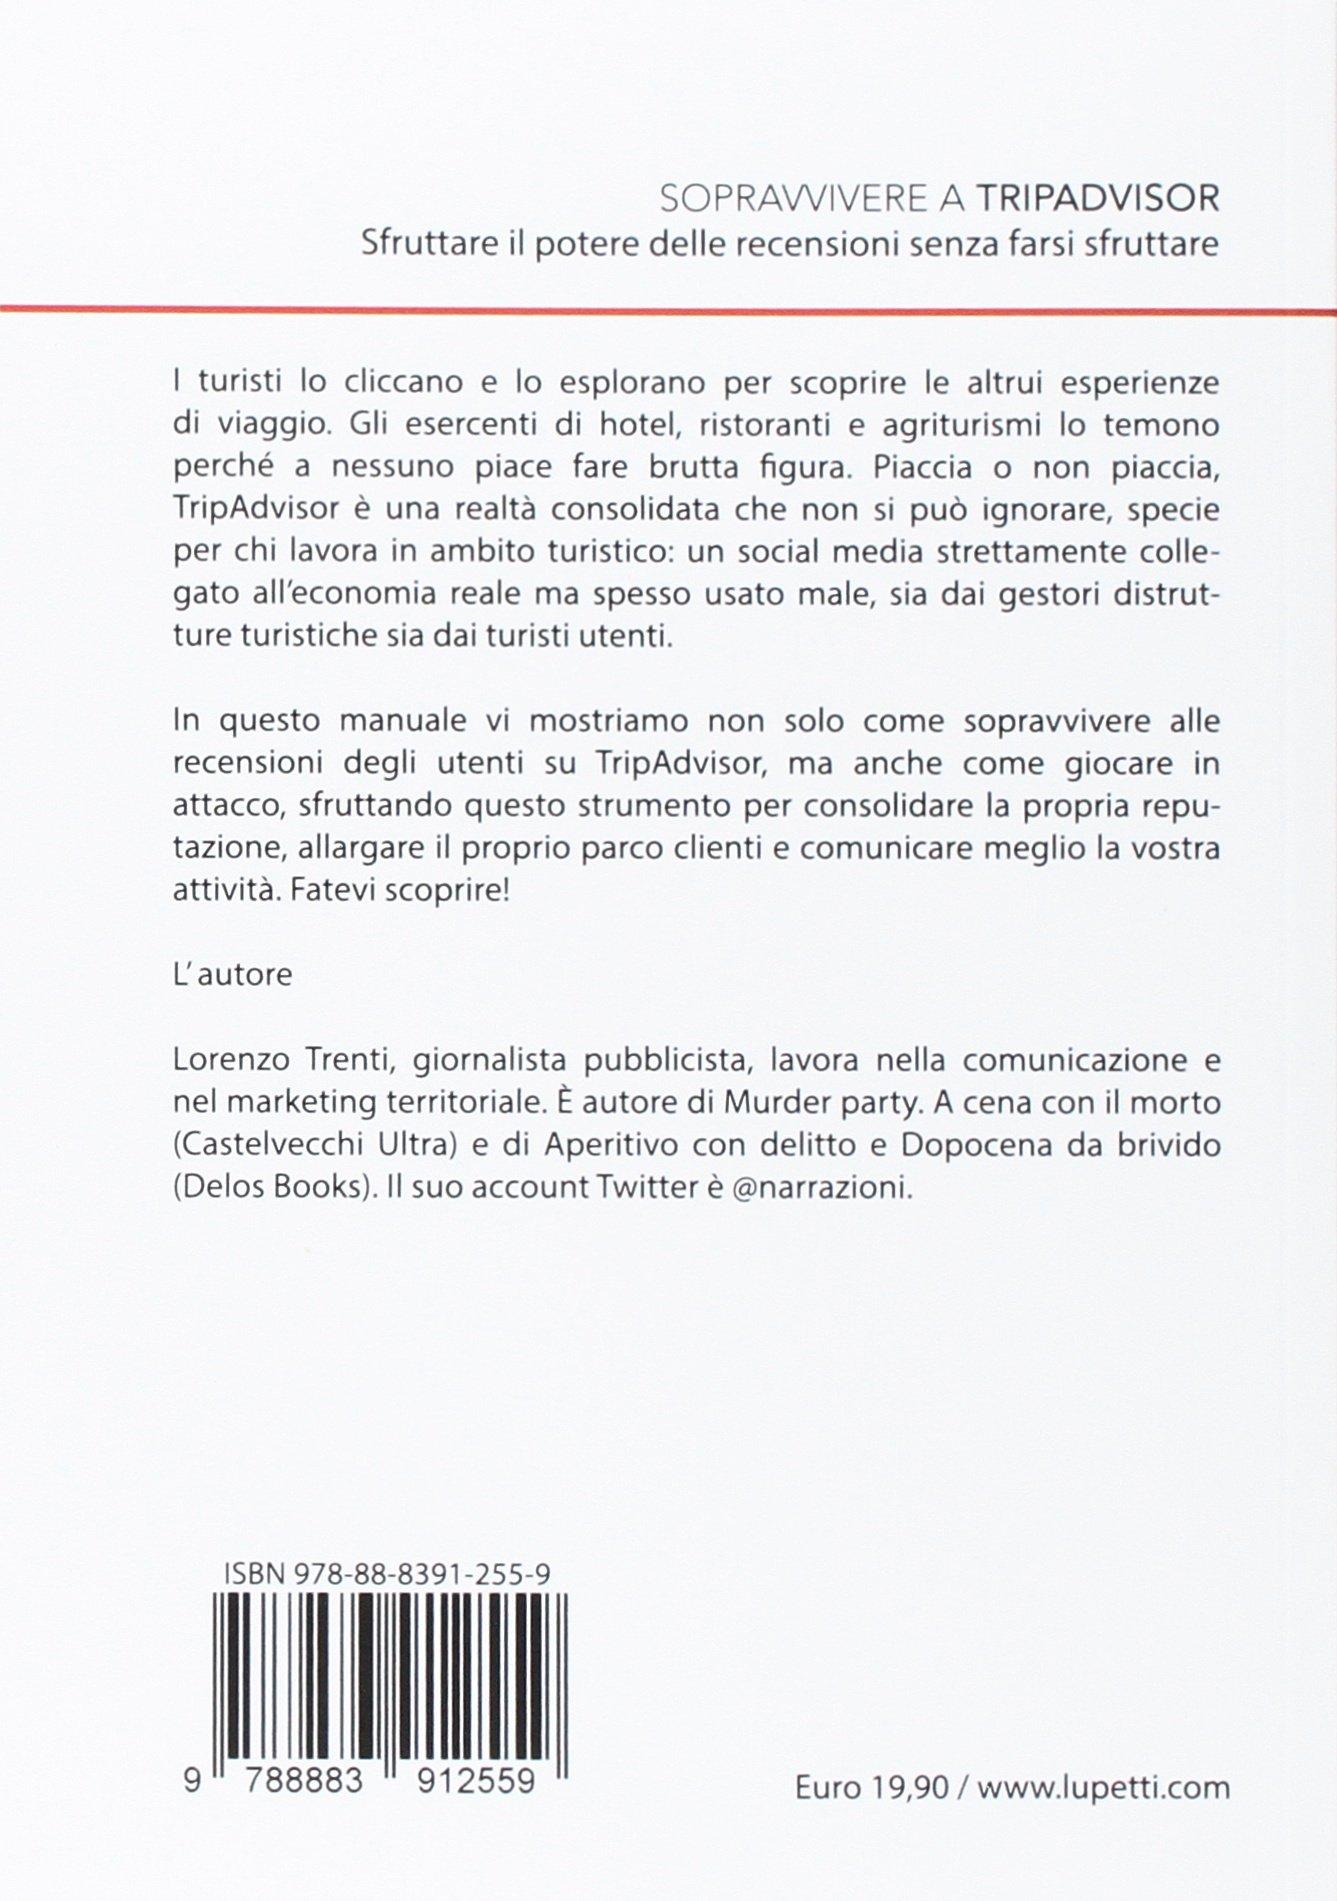 Sopravvivere a Tripadvisor. Sfruttare il potere delle recensioni senza farsi sfruttare: Lorenzo Trenti: 9788883912559: Amazon.com: Books